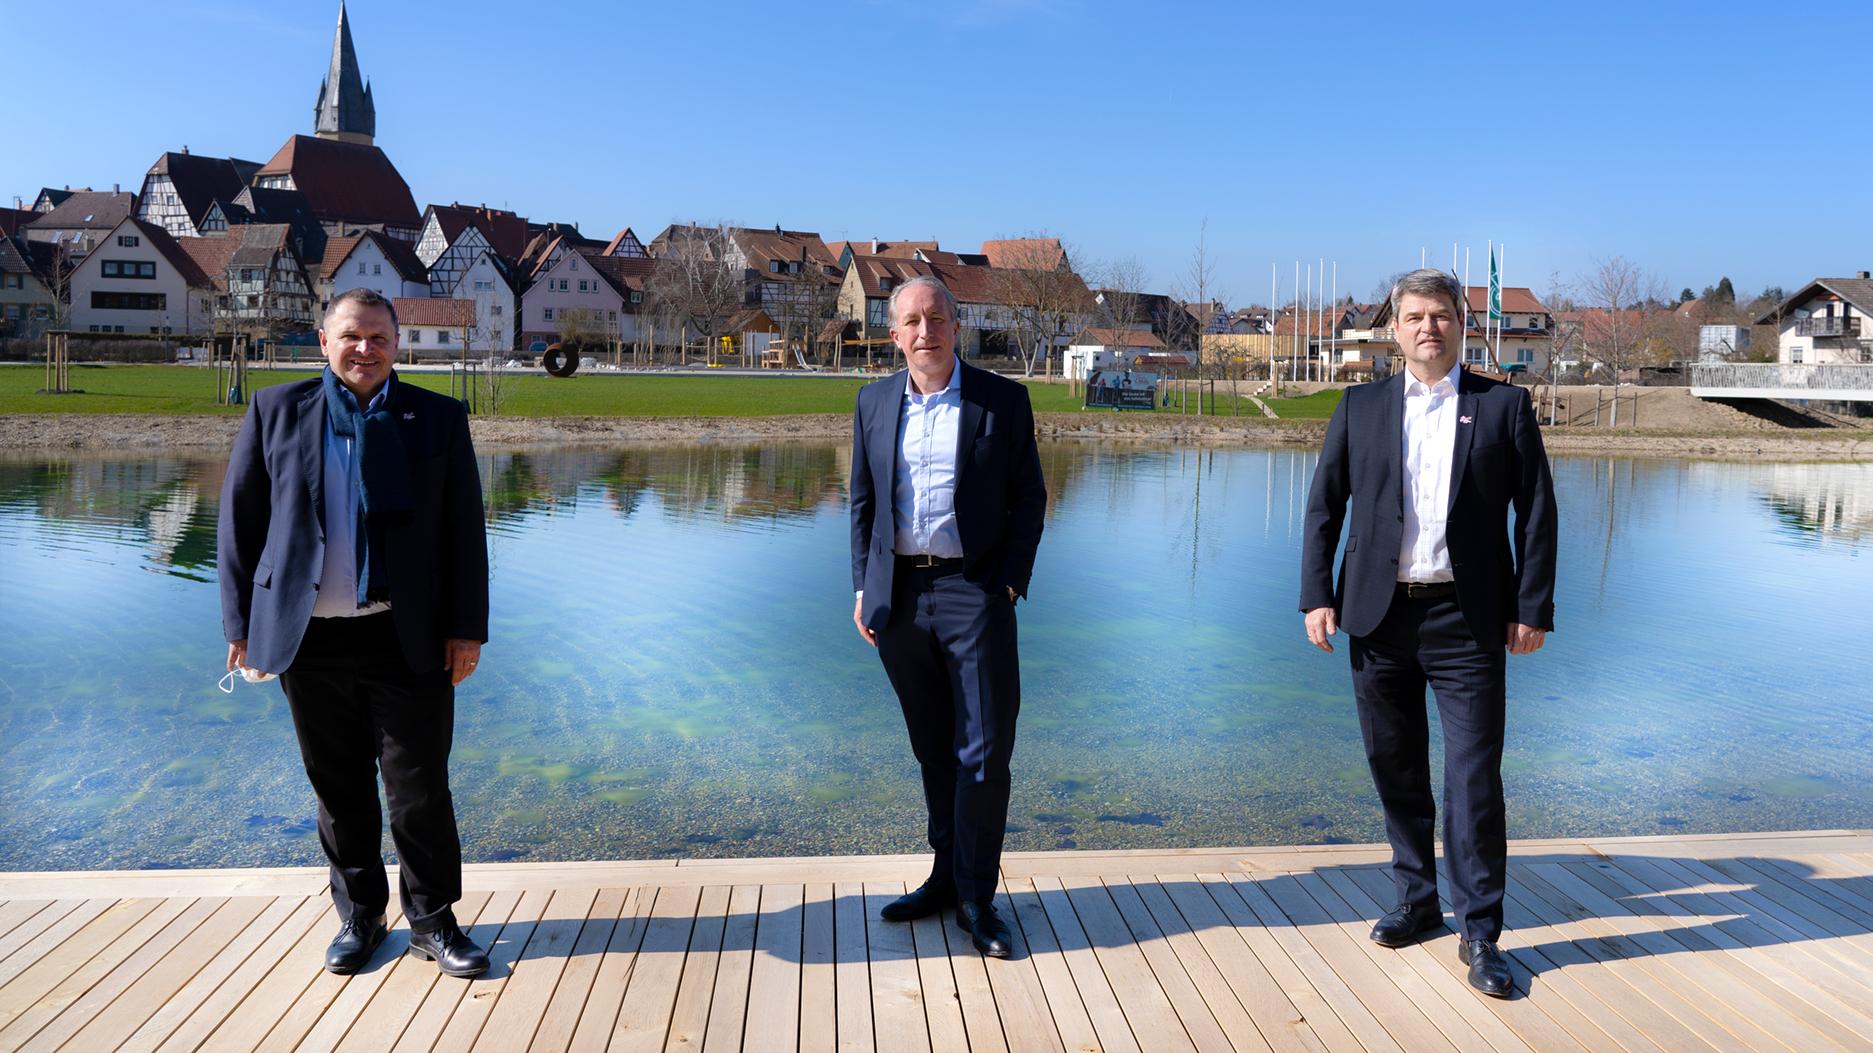 hep baut neues Hauptgebäude in Eppingen